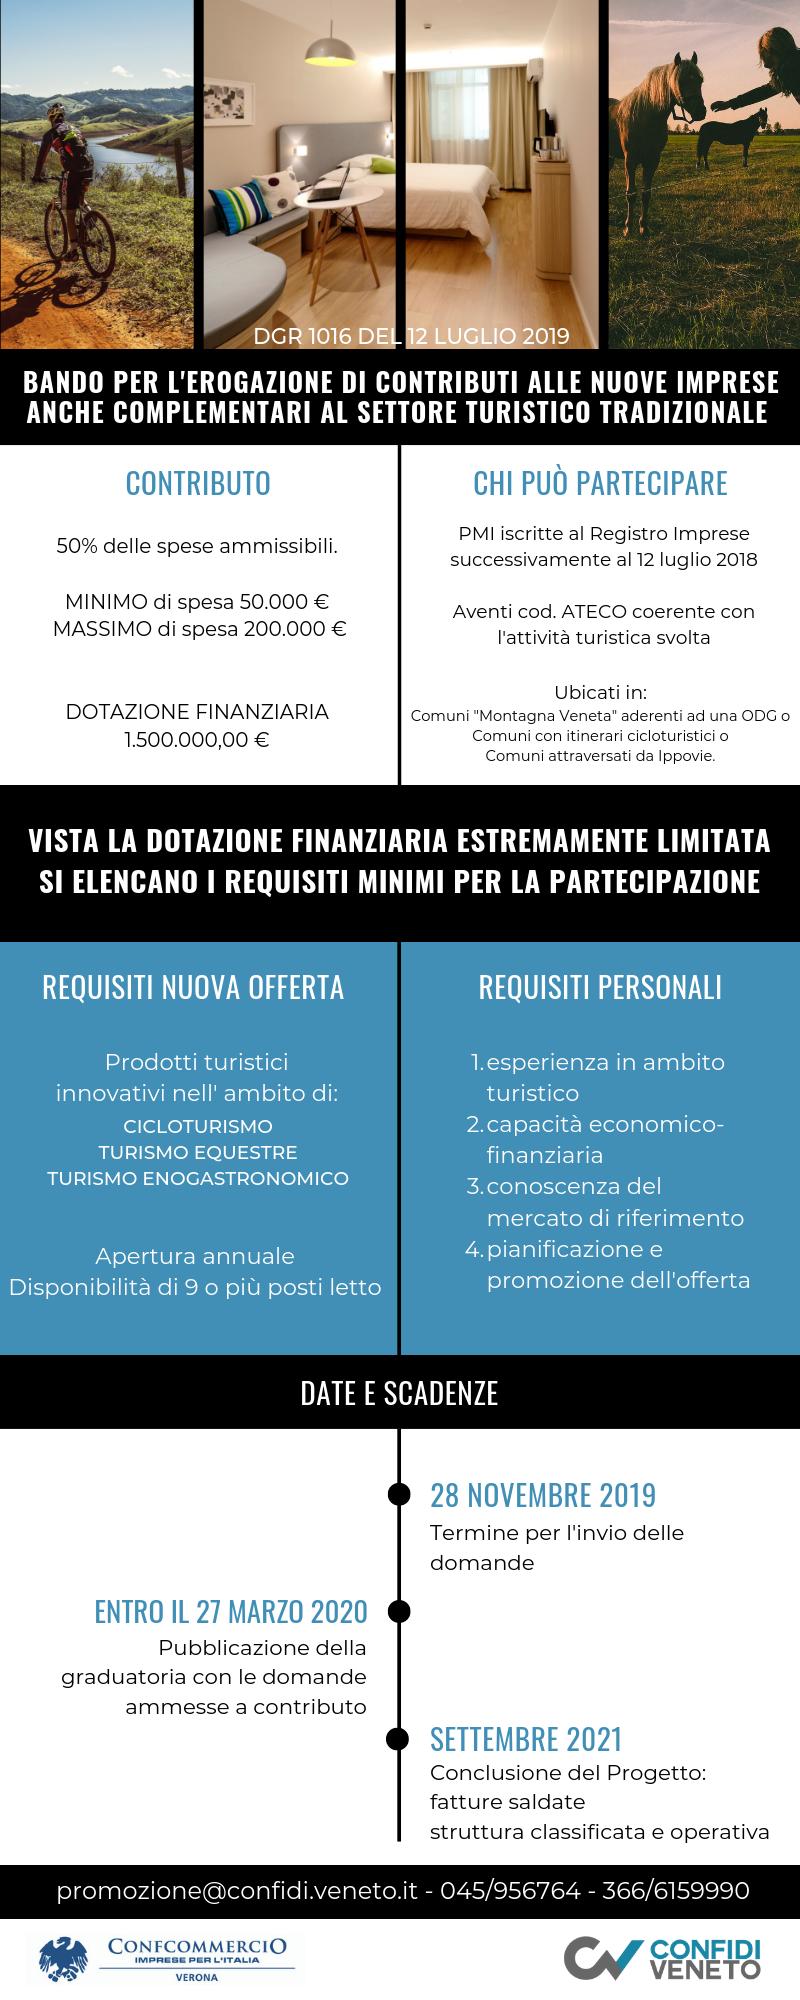 BANDO PER L'EROGAZIONE DI CONTRIBUTI ALLE NUOVE IMPRESE ANCHE COMPLEMENTARI AL SETTORE TURISTICO TRADIZIONALE (1)